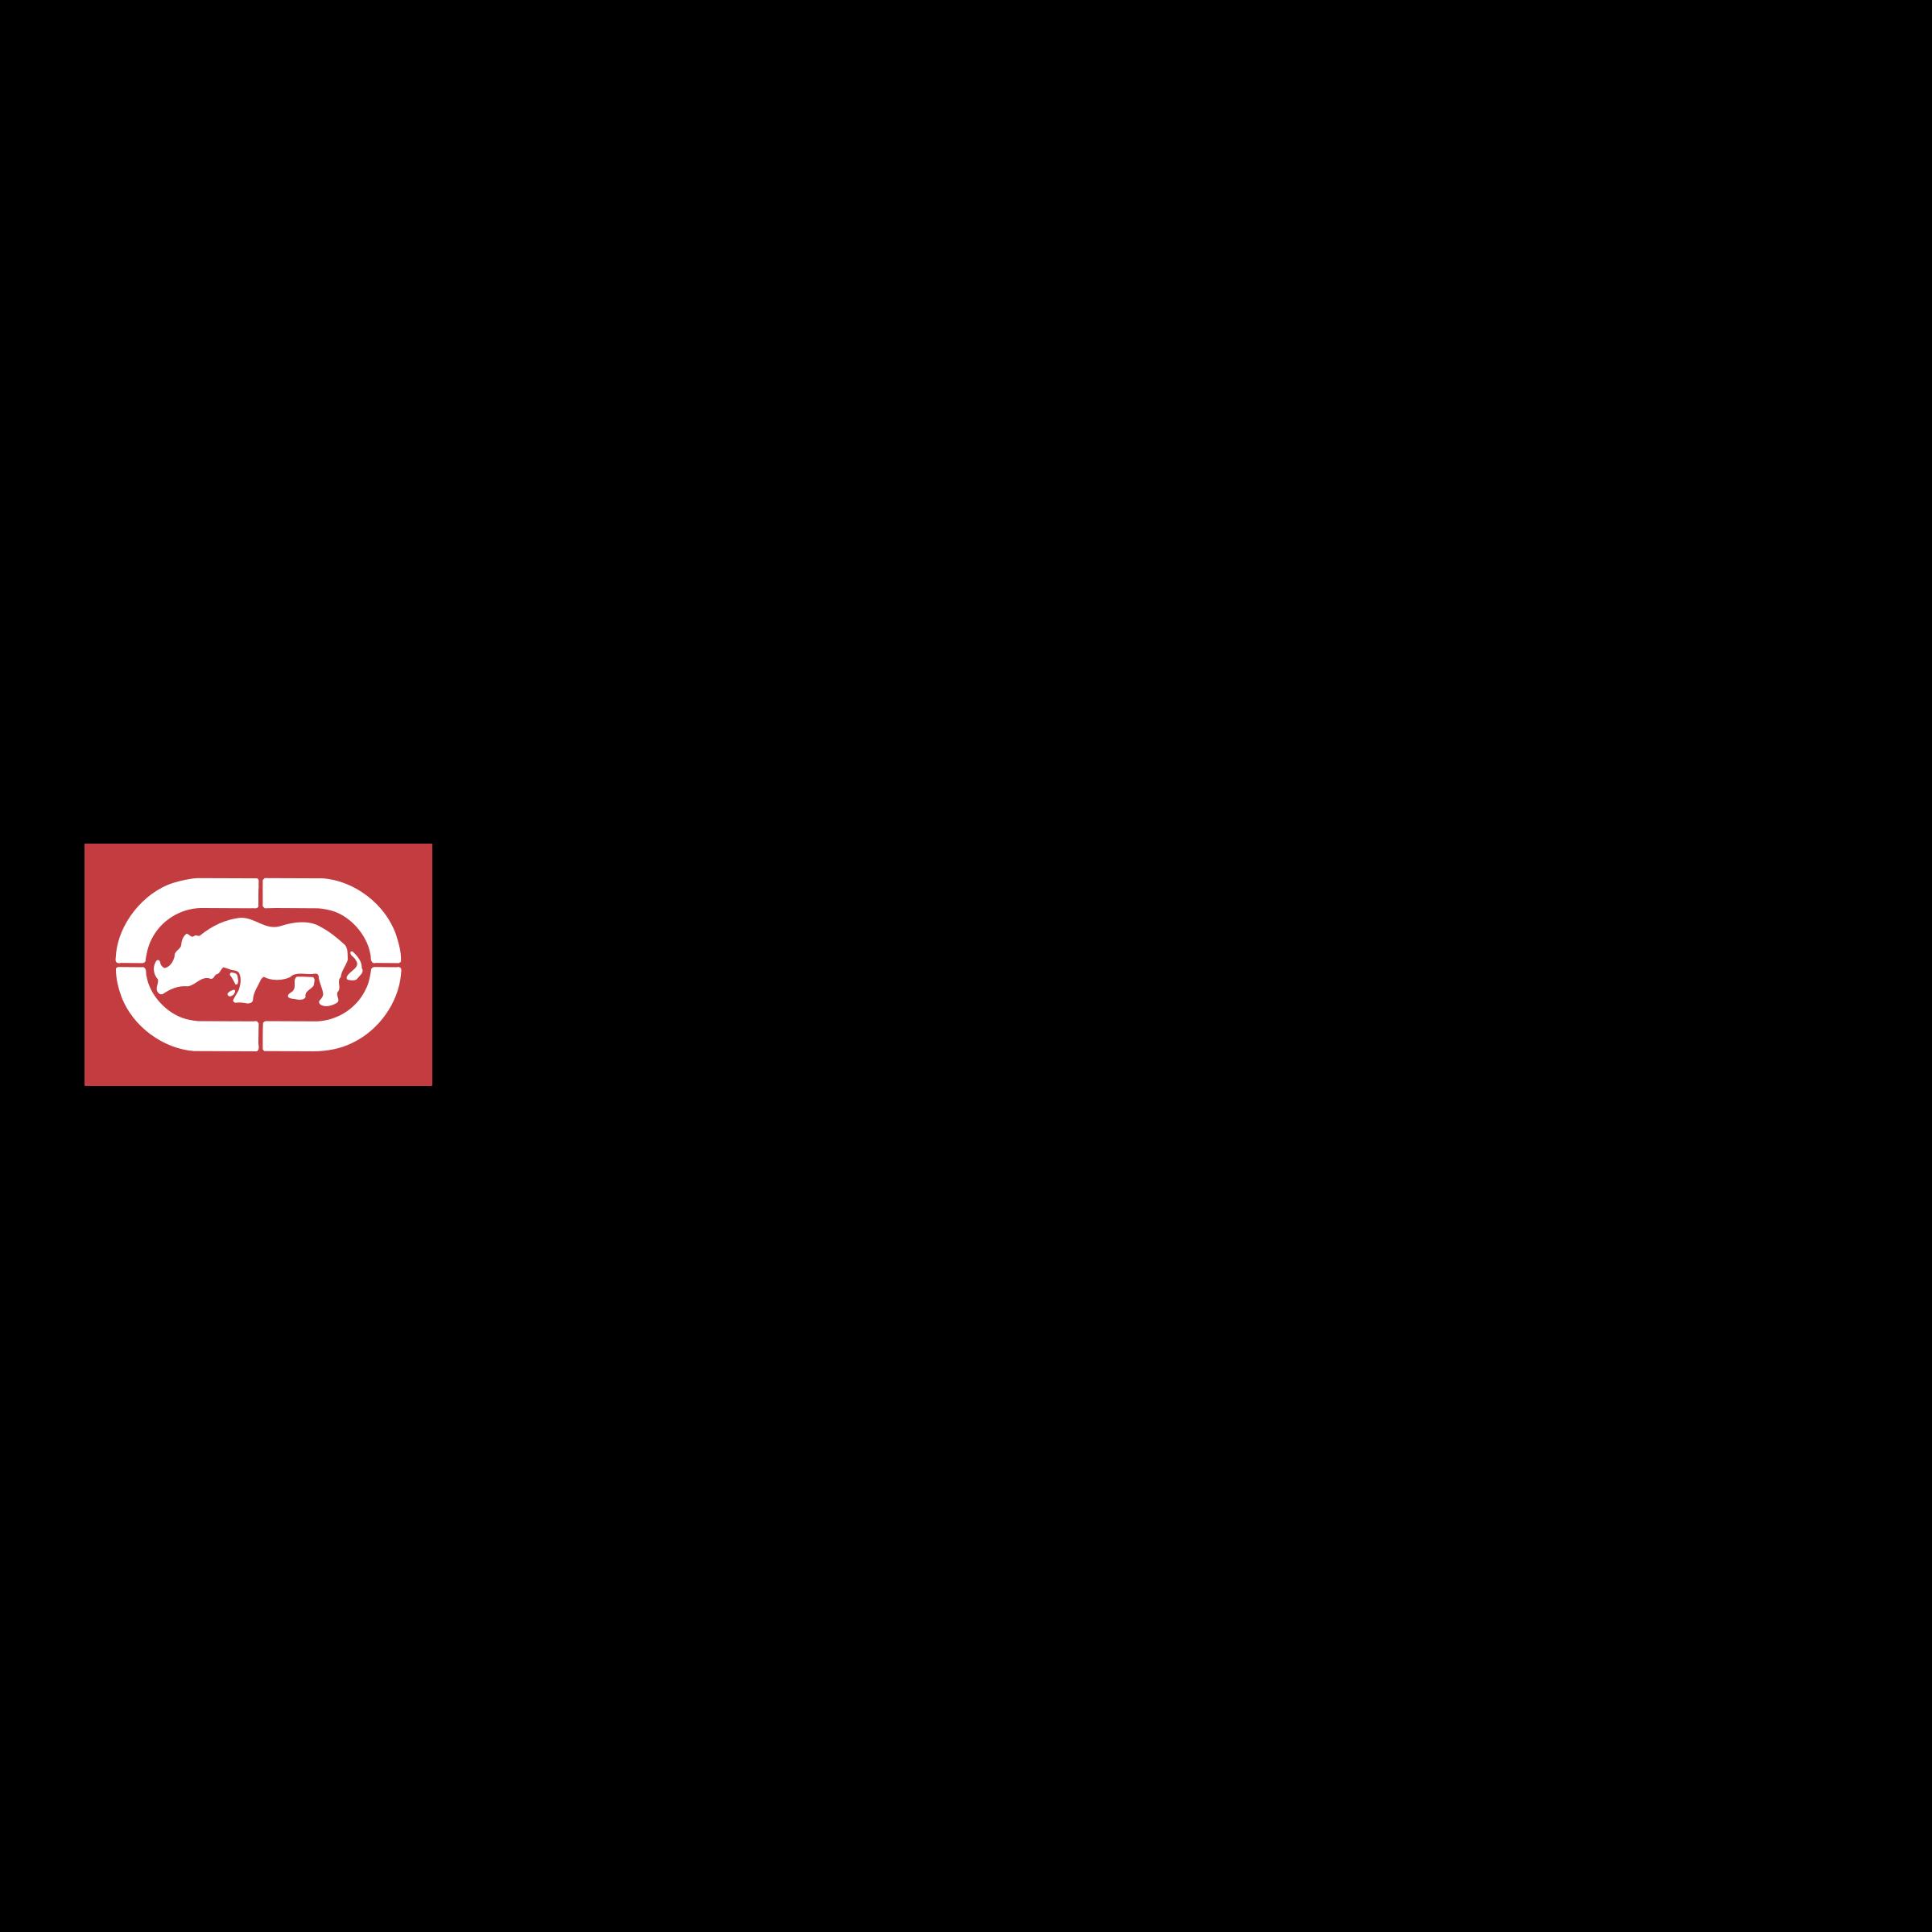 Ecko Unltd Logo PNG Transparent & SVG Vector.